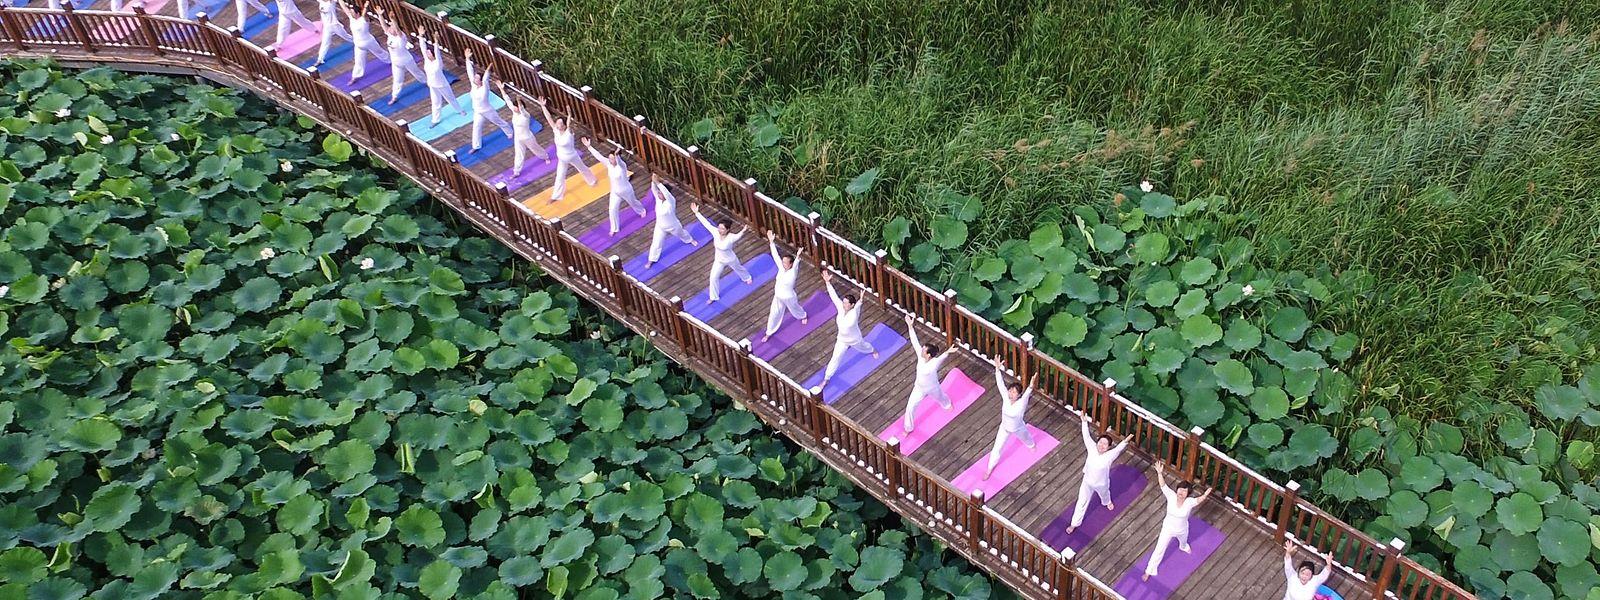 Farbenfroh: Yoga-Anhänger trainieren in einem Park in China.